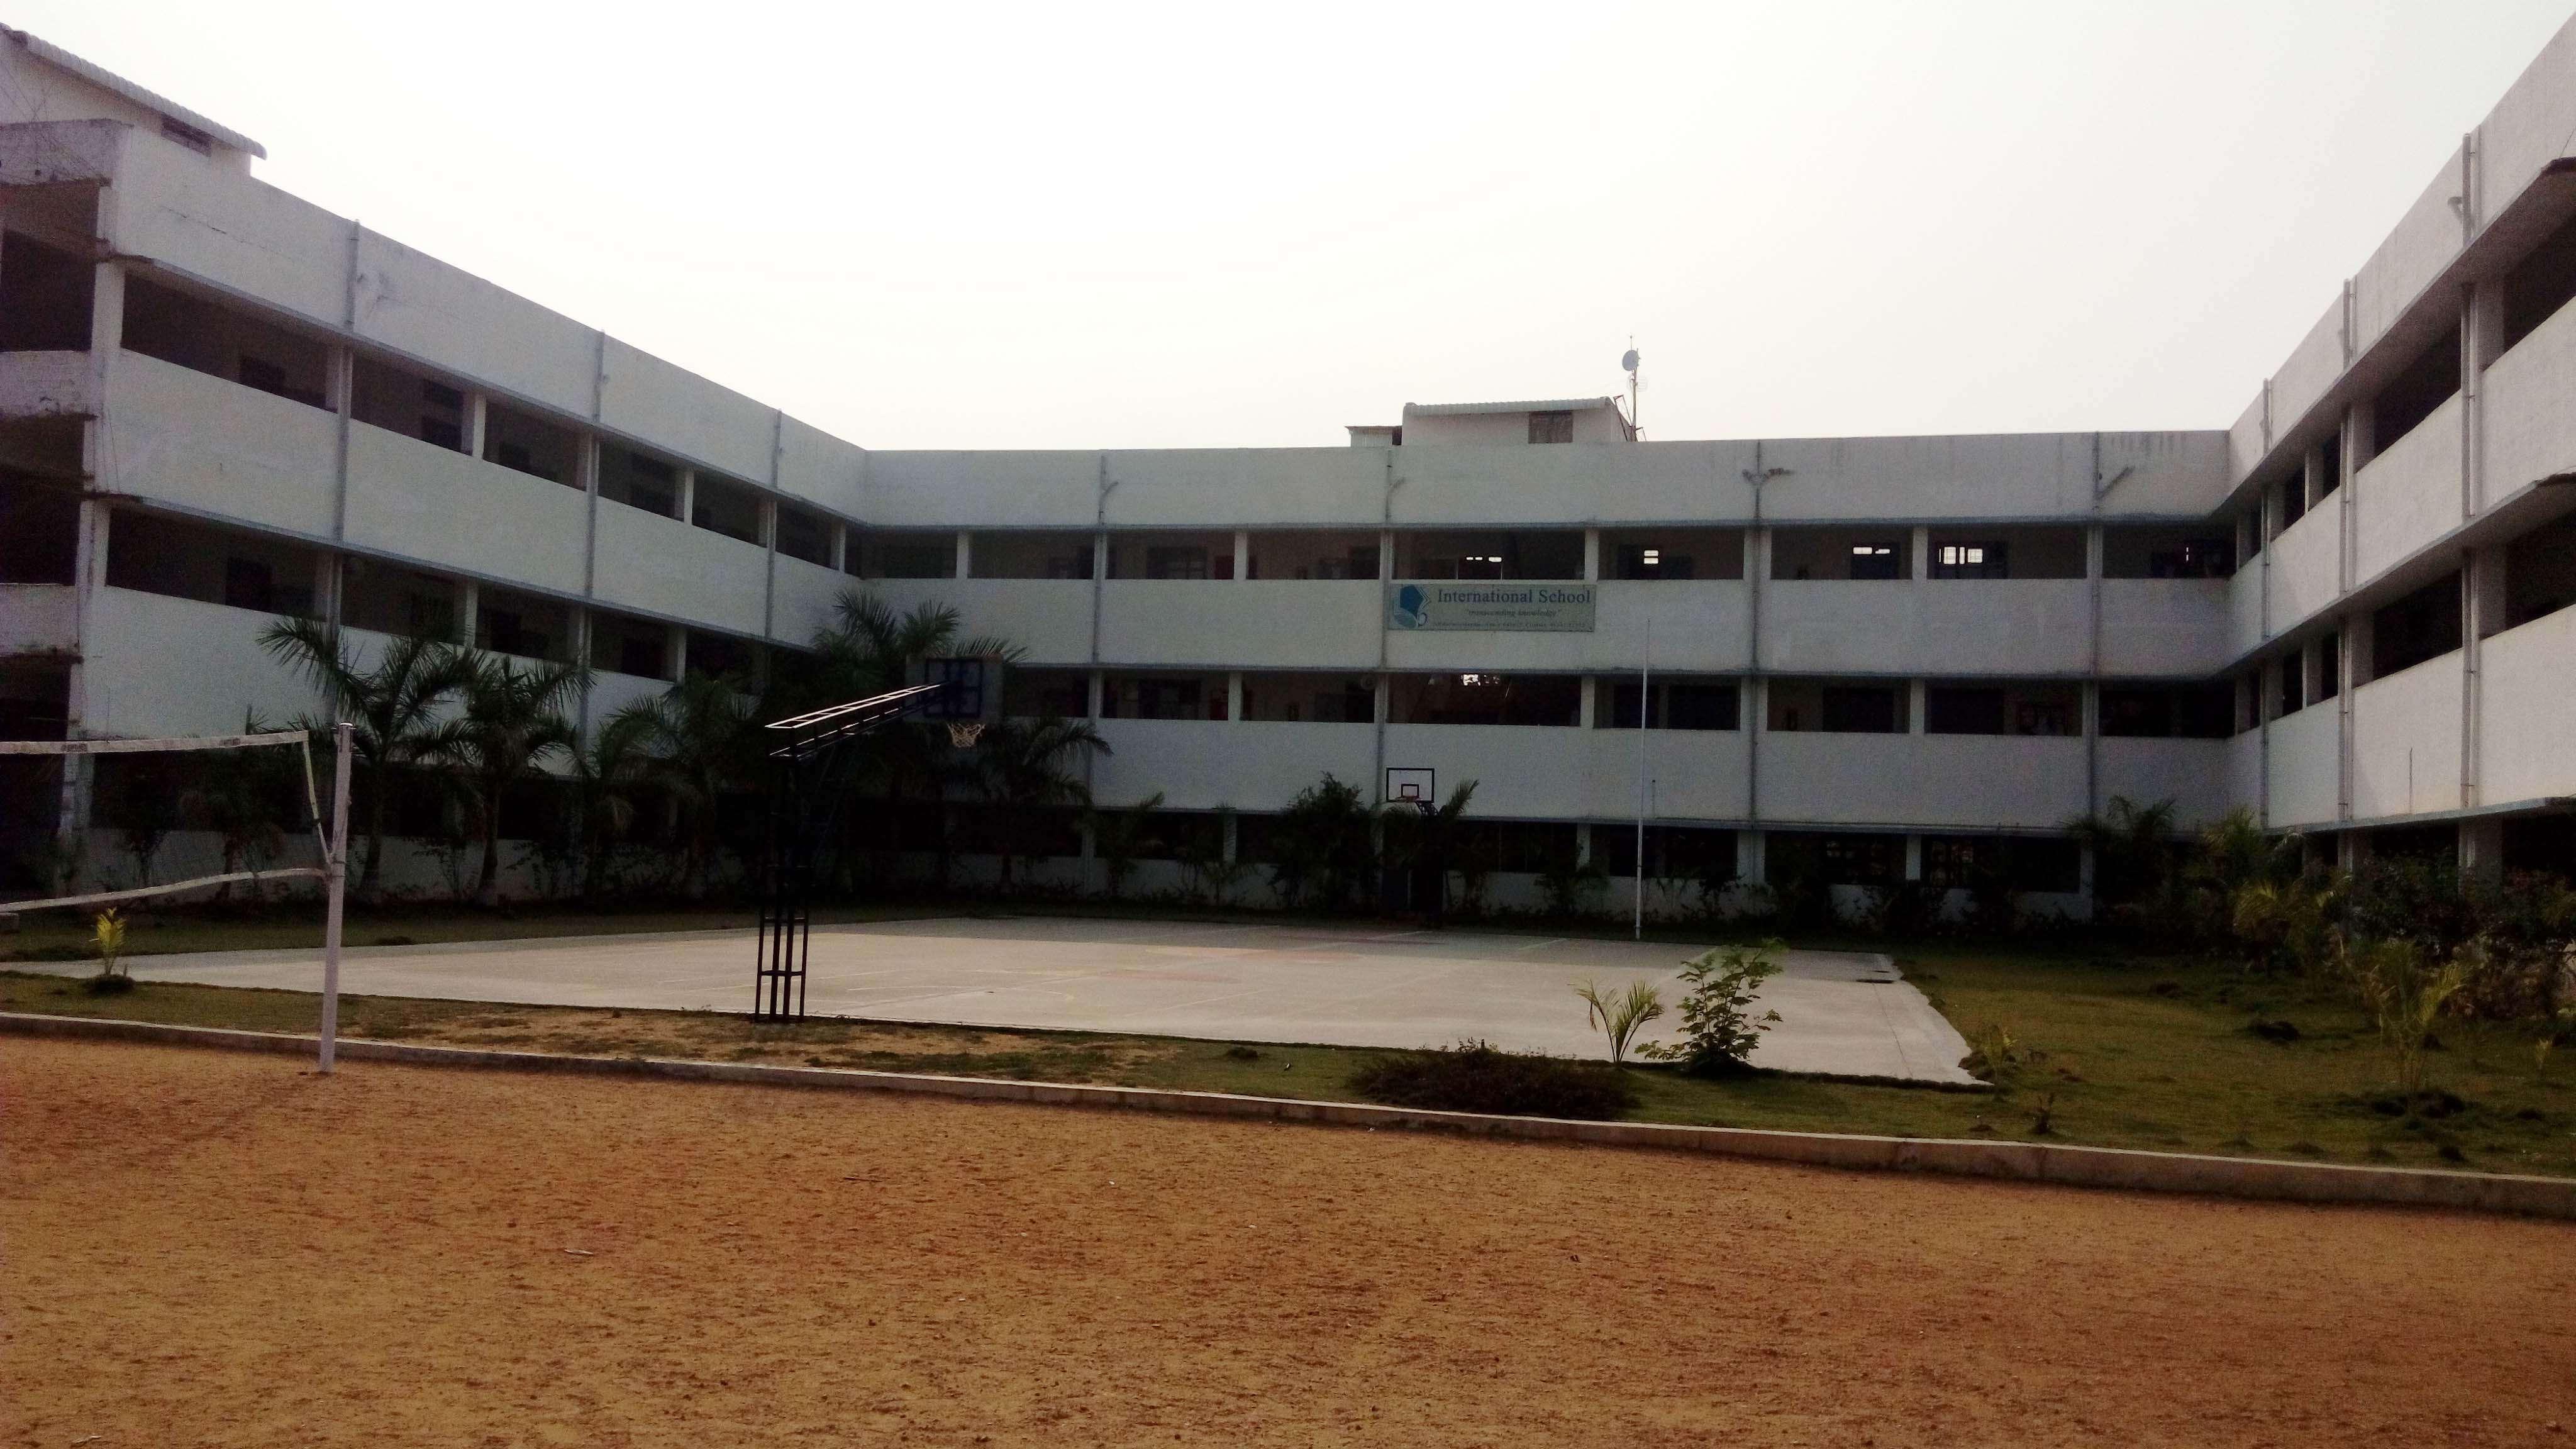 K G International school 263 1 AllikarampalayamAnnur 1930402